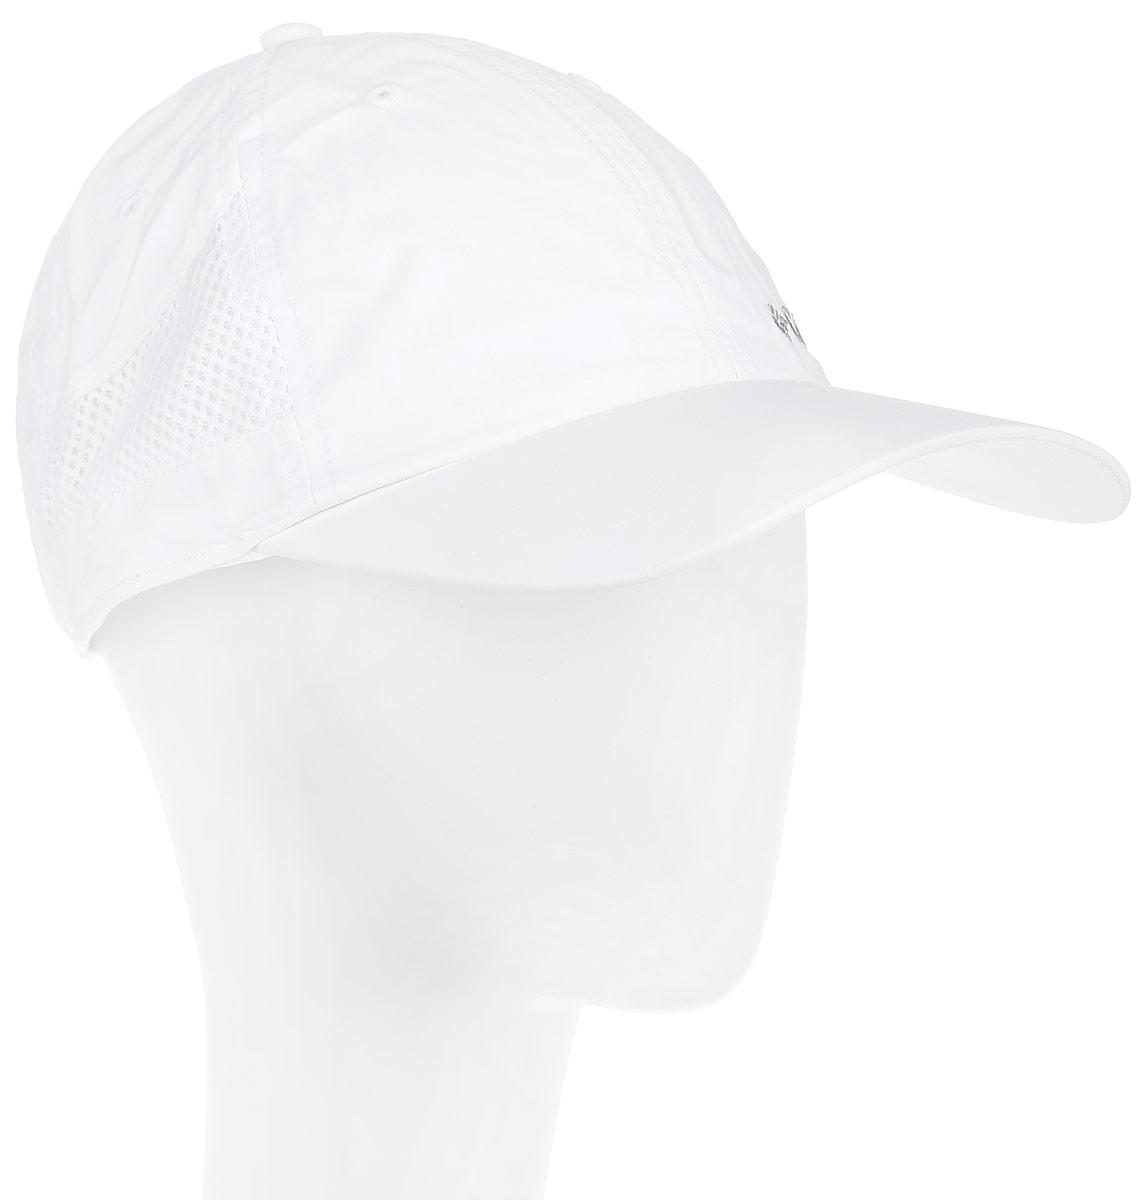 Бейсболка Tech Shade Hat. 15393311539331_010Стильная бейсболка Columbia Tech Shade Hat идеально подойдет для прогулок, занятия спортом и отдыха. Изделие выполнено из 100% нейлона, что обеспечивает быстрое высыхание в случае намокания. Вставки-сетки - как дополнительная вентиляция в жаркую погоду. Наличие в изделии технологии Omni-Shade UPF30 обеспечивает надежную защиту от вредного UV-излучения. Объем бейсболки регулируется с помощью защелки. Ничто не говорит о настоящем любителе путешествий больше, чем любимая кепка. Эта модель станет отличным аксессуаром и дополнит ваш повседневный образ.